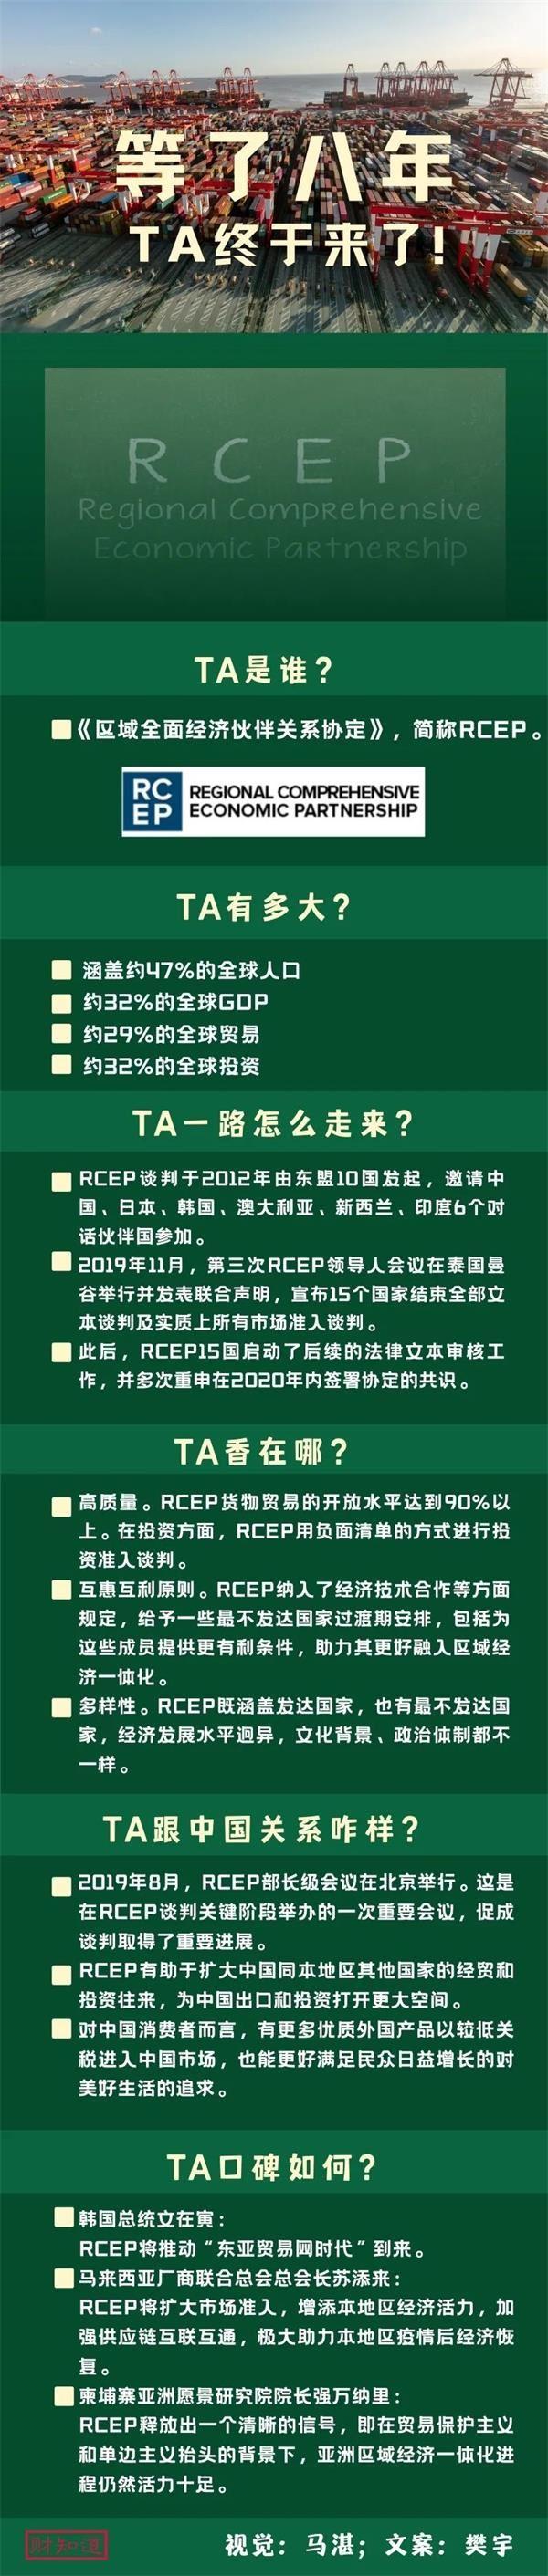 中国加入全球最大自贸协定 经贸圈内九成商品或零关税 影响有多大?